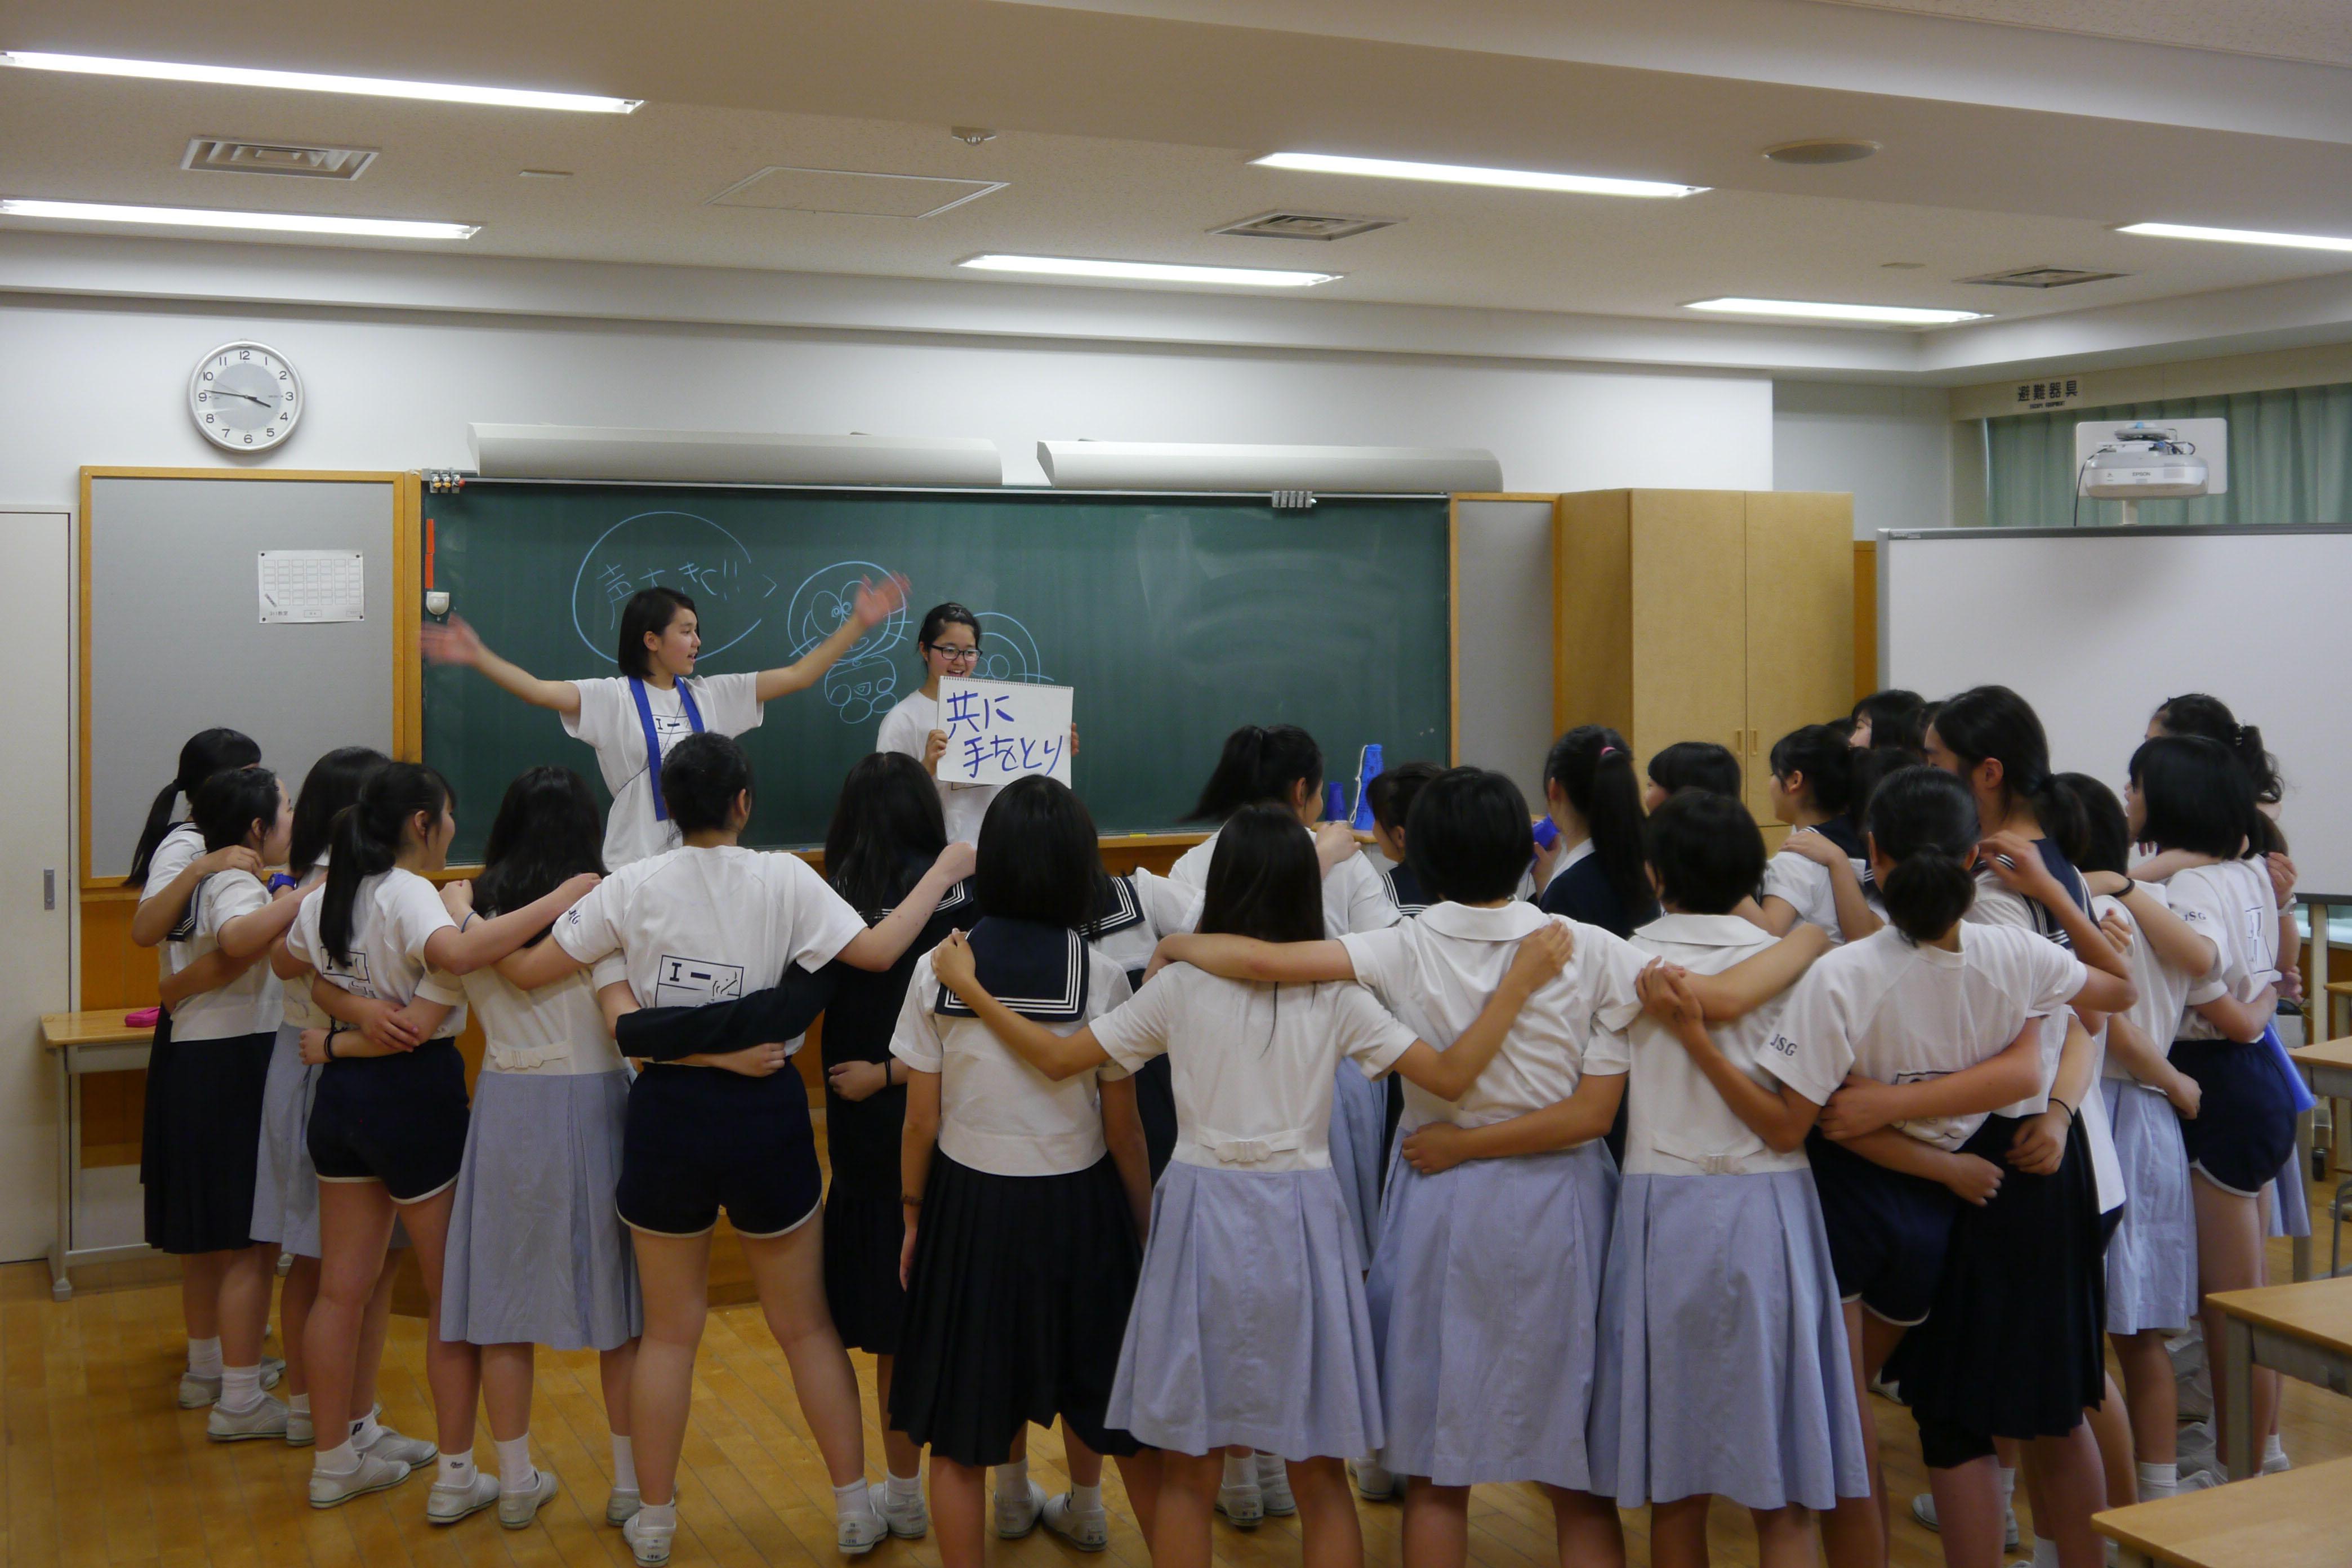 中学校 高等 聖 学校 女子 学院